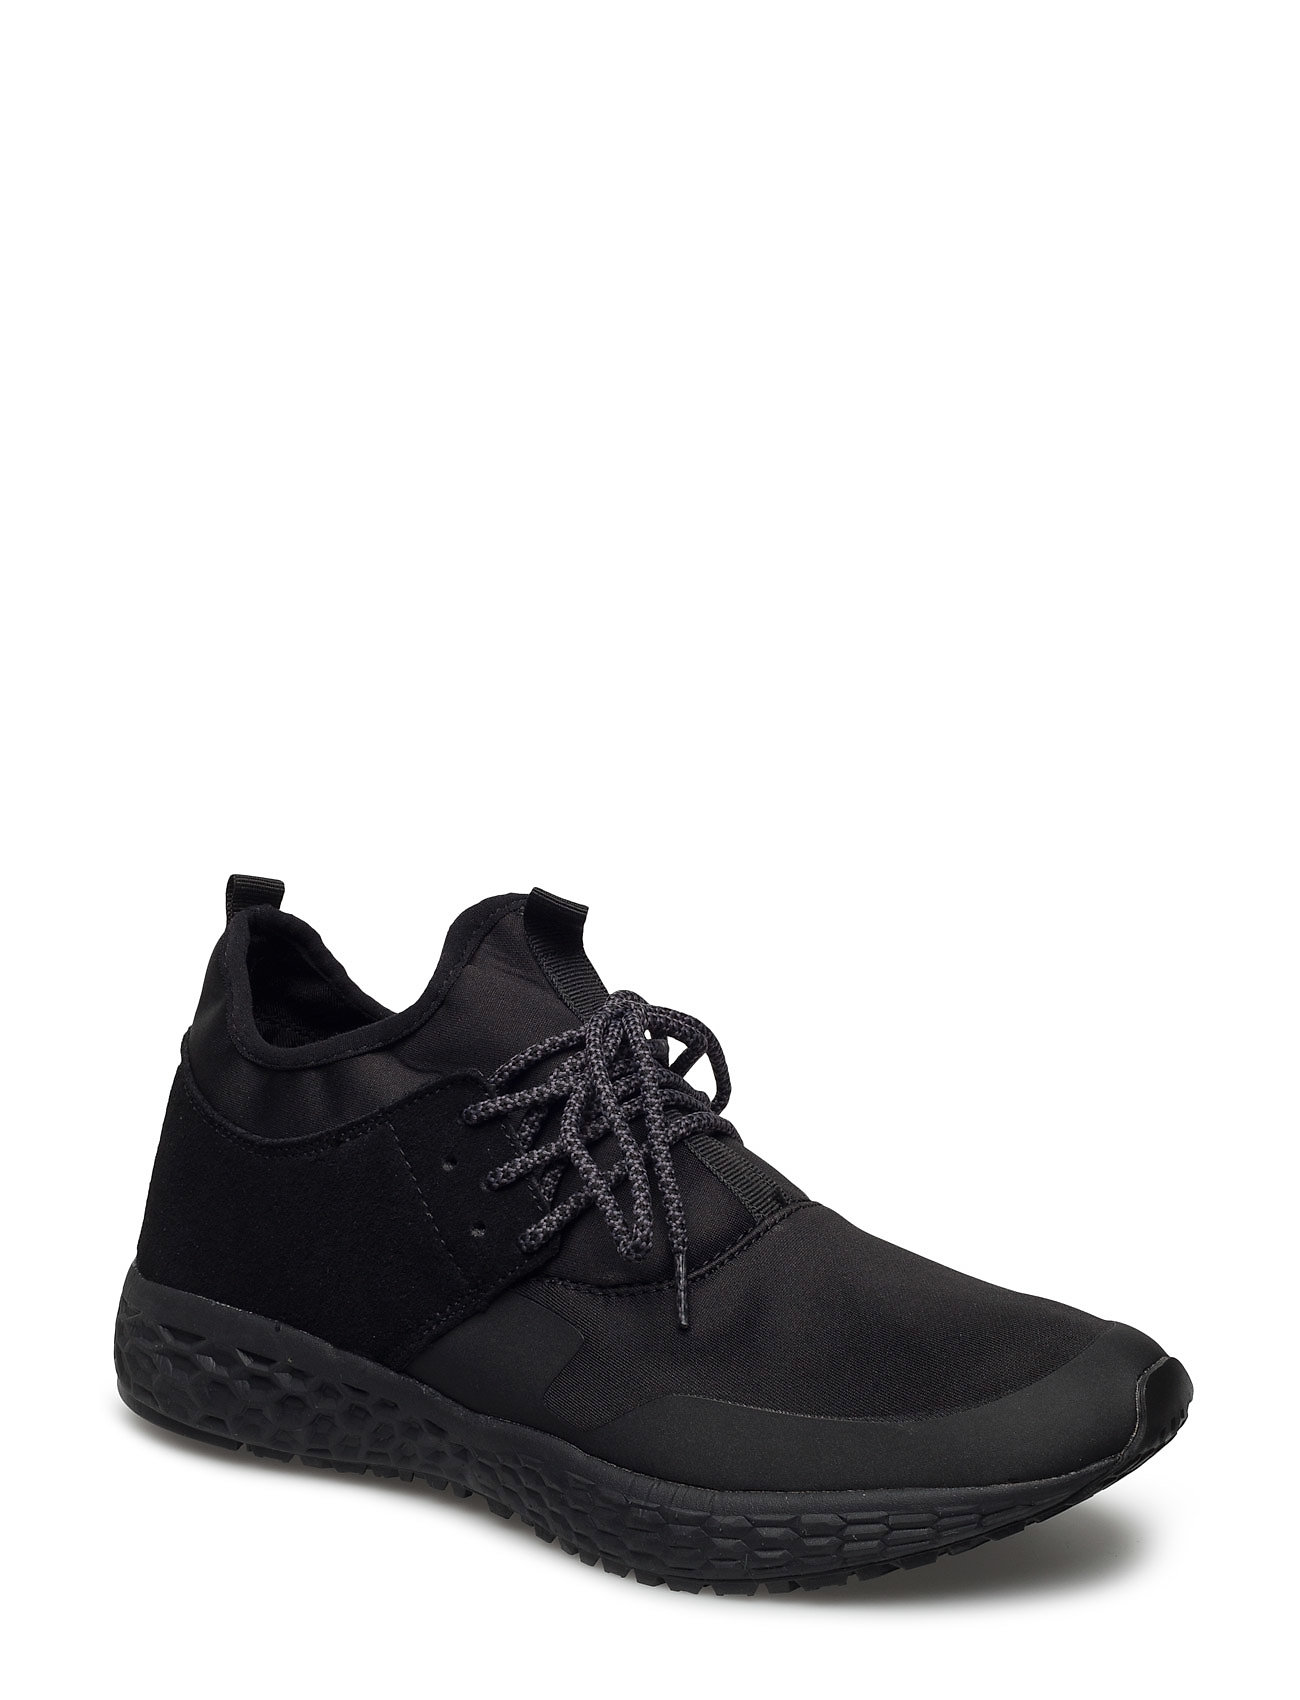 High Cut Sneaker Jfm17 Bianco Sko til Mænd i Sort